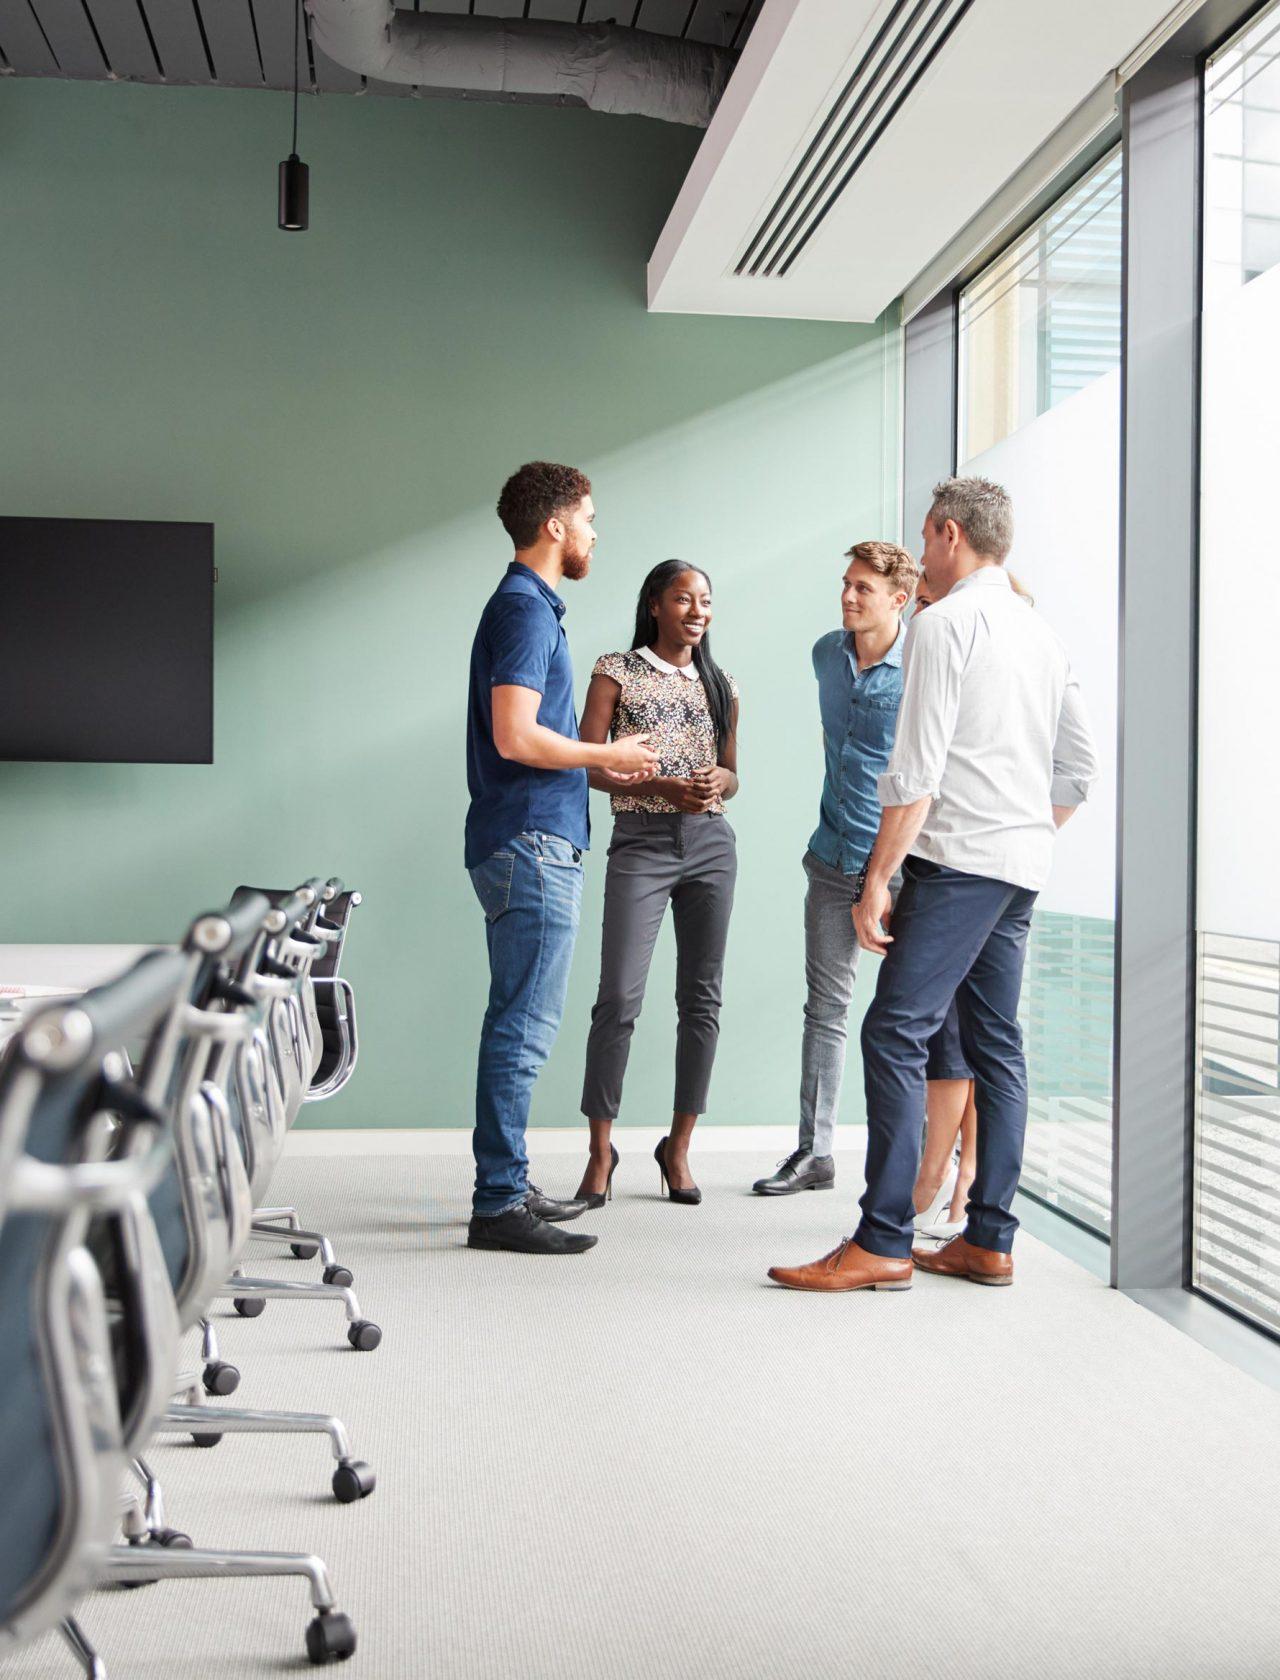 Eine Gruppe von Menschen steht in einem Meetingraum mit grüner Wand